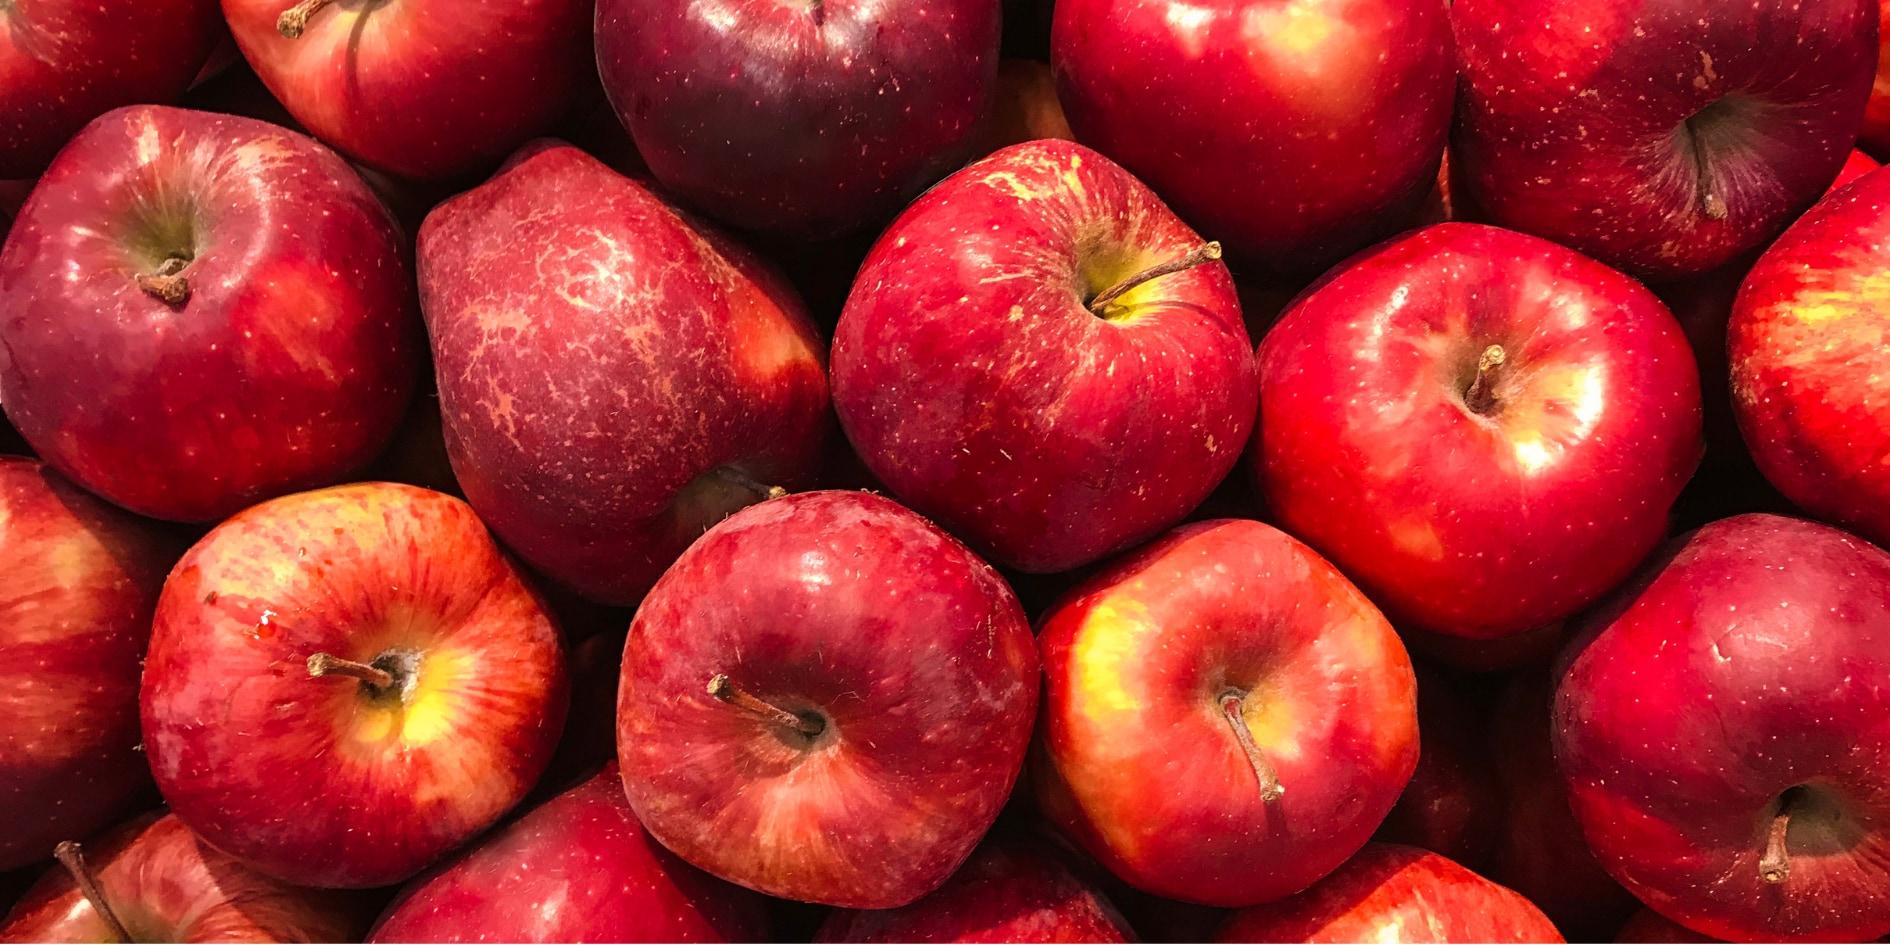 リンゴの蜜ができる仕組みが解明!